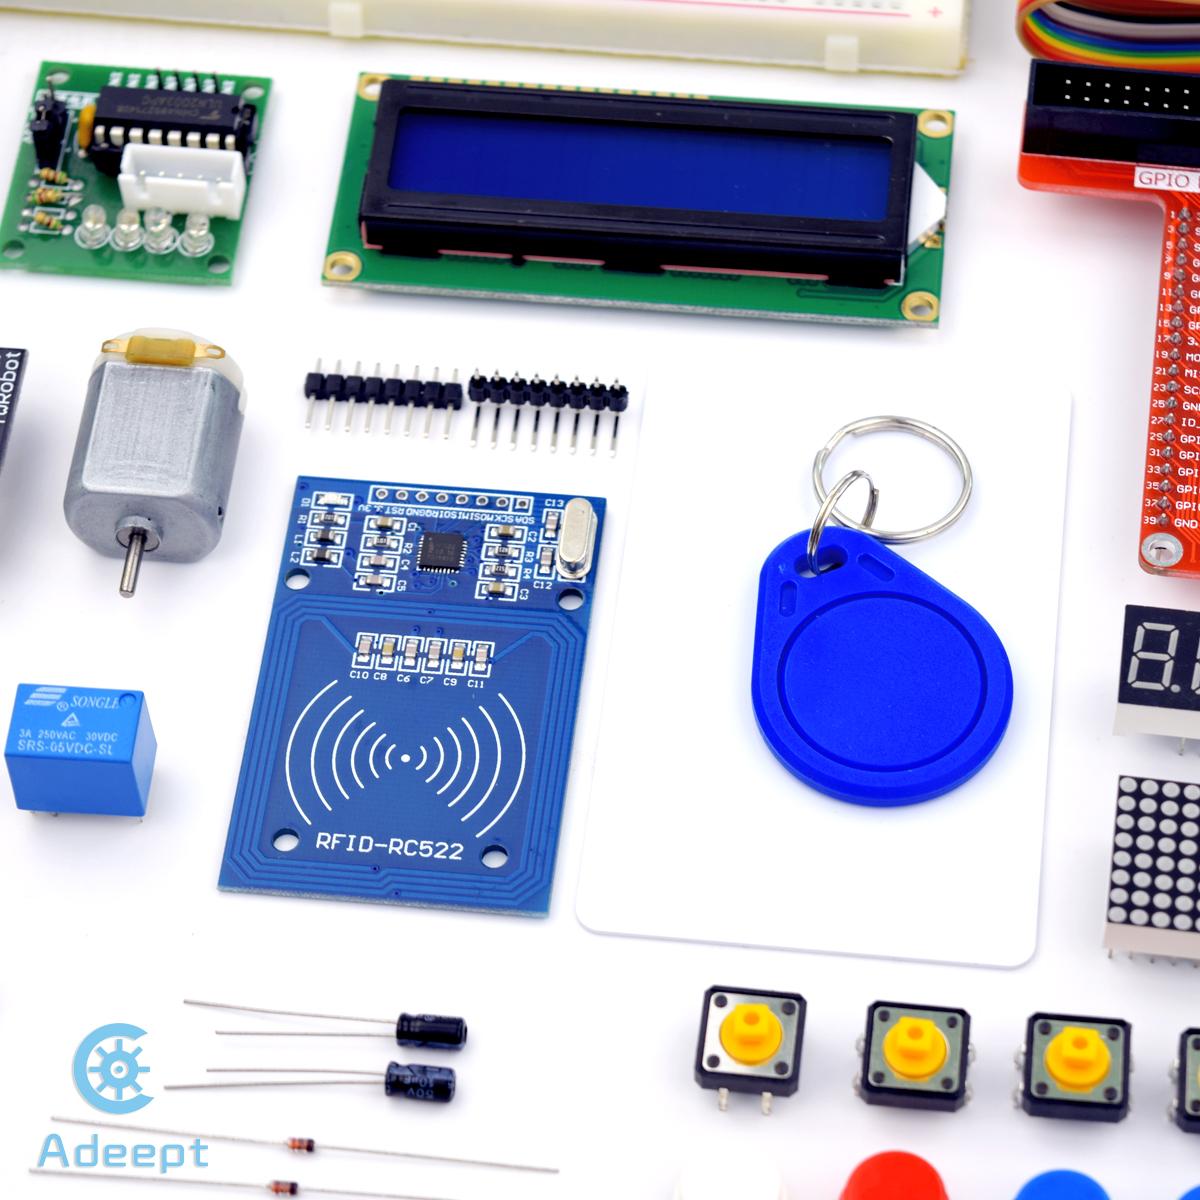 Adeept Rfid Starter Kit For Raspberry Pi 3 2 Model B B